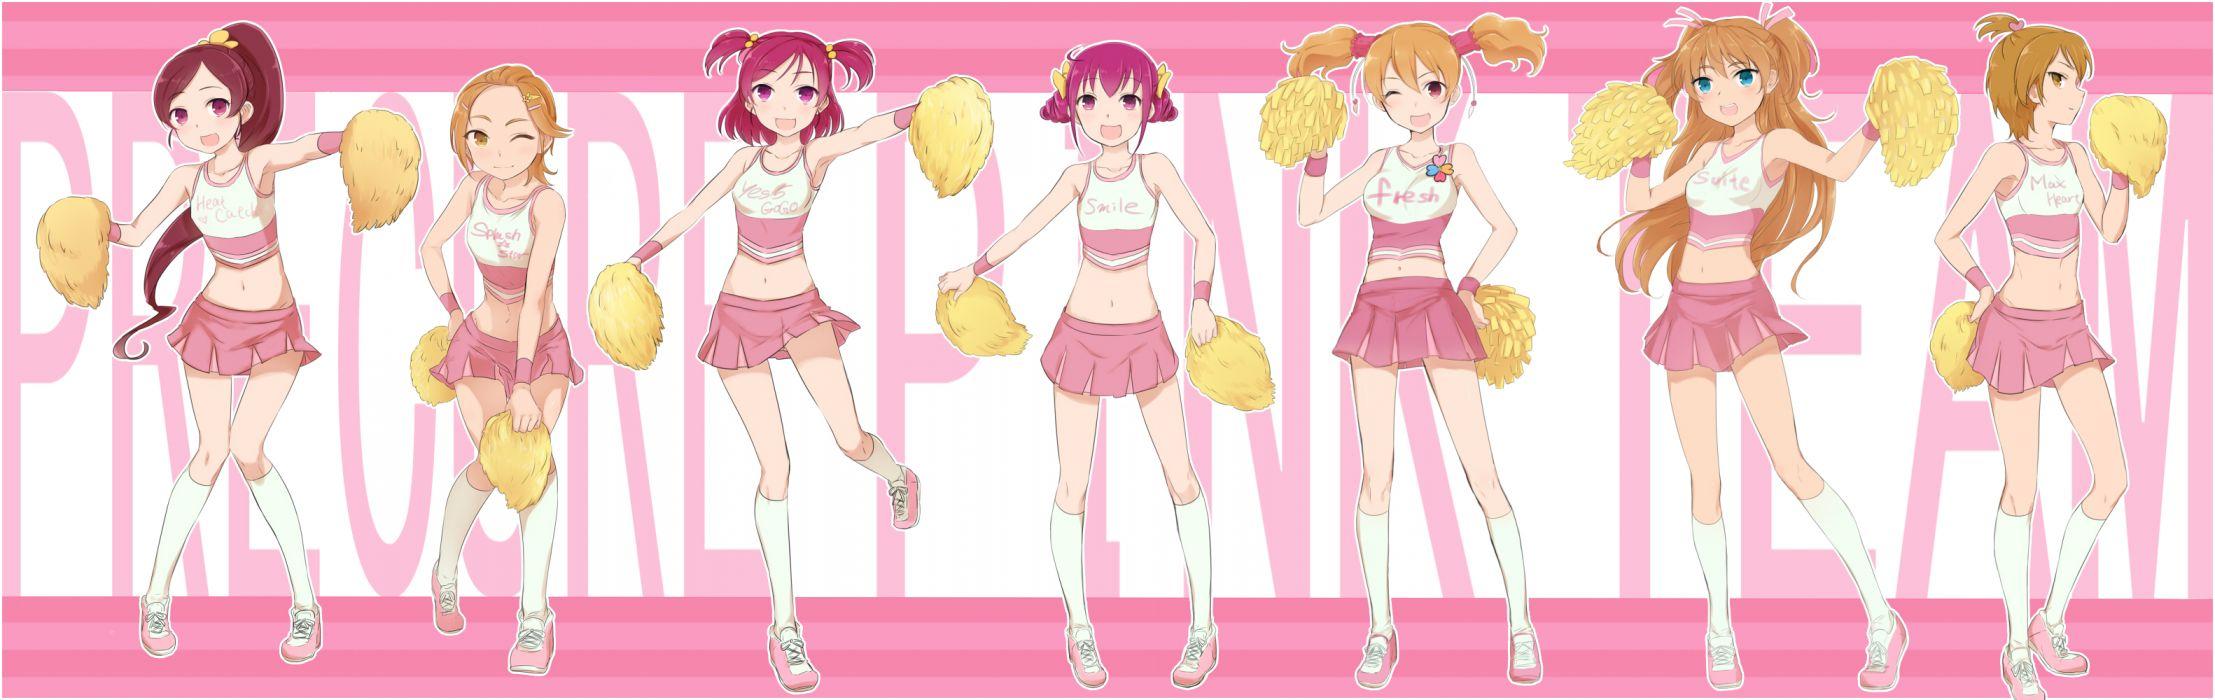 hanasaki tsubomi hoshizora miyuki houjou hibiki hyuuga saki misumi nagisa momozono love smile precure suite precure yes! precure 5 yumehara nozomi wallpaper